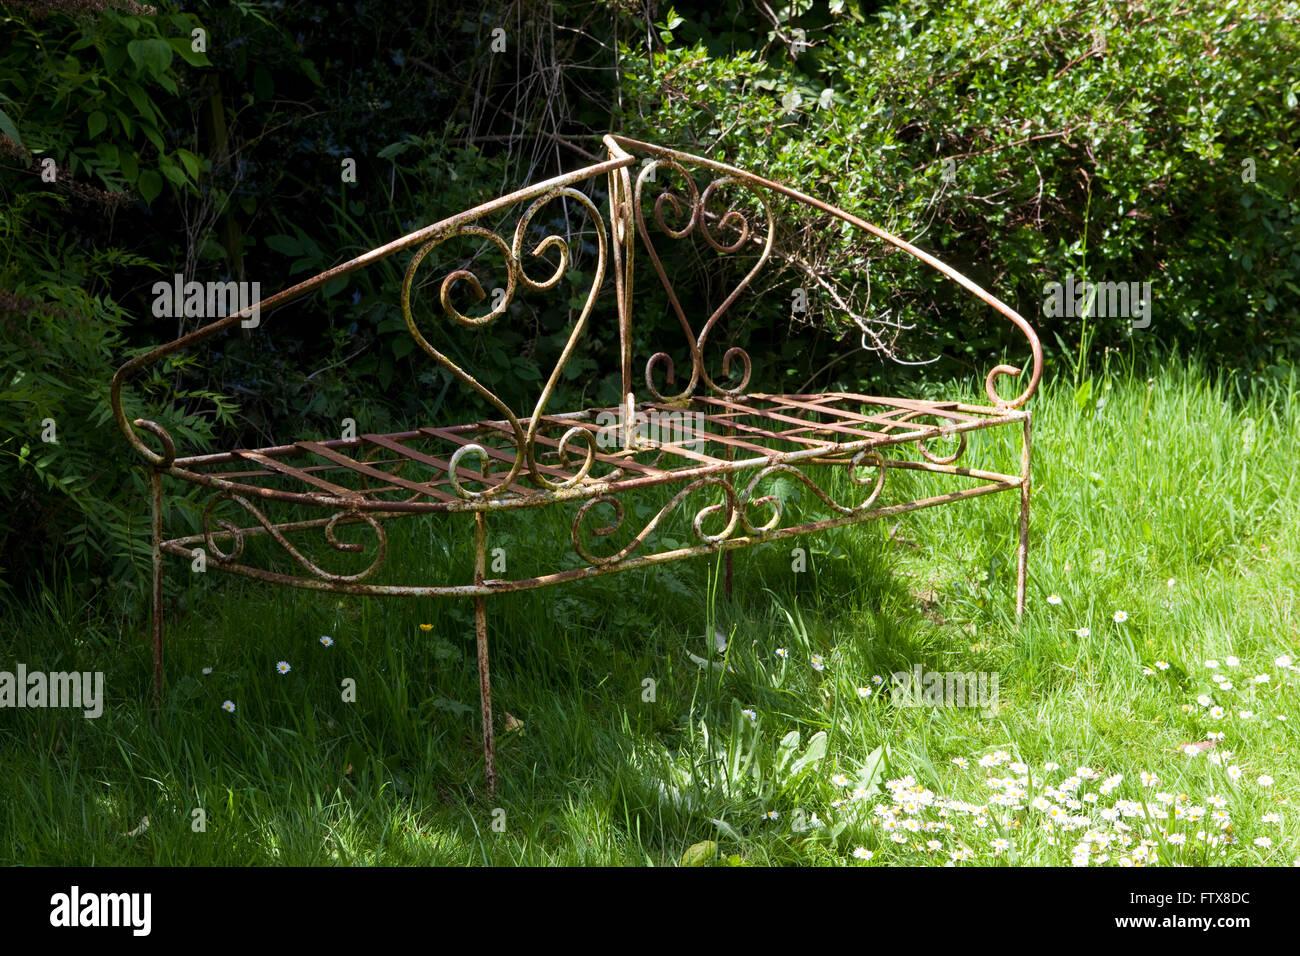 Alte Garten Möbel Aus Eisen Etc. In Einem Verwilderten Garten Sitzen.  Stockbild